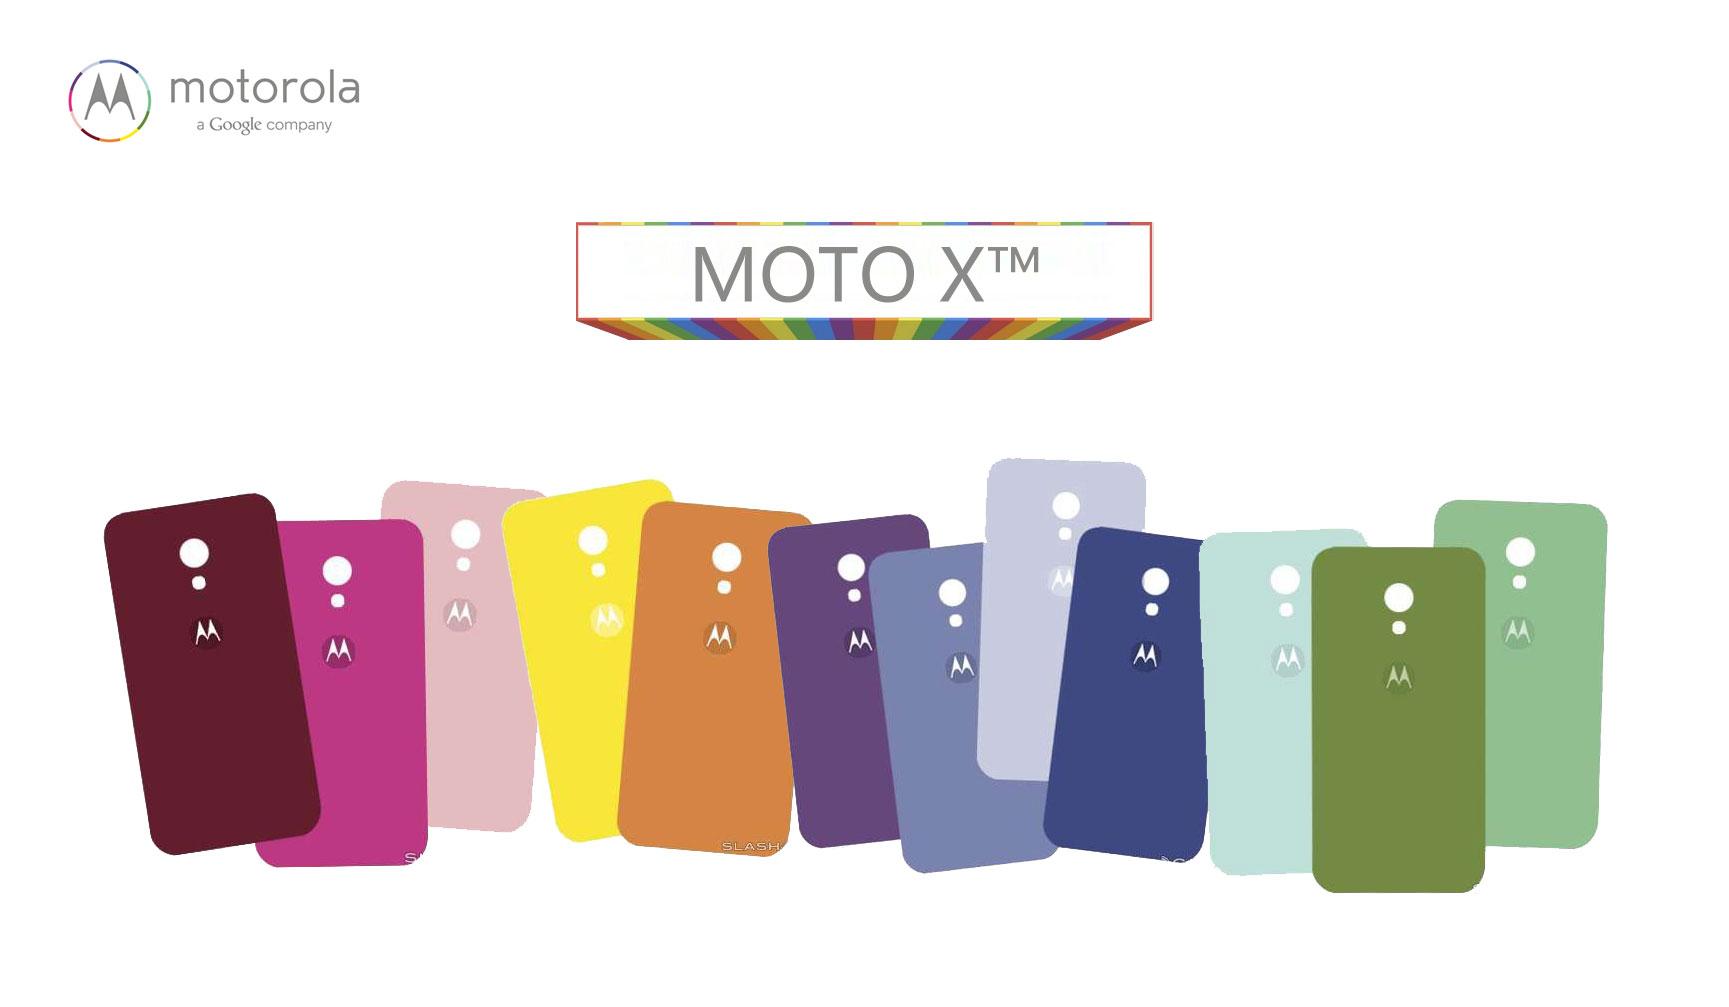 摩托罗拉将花5亿美元宣传MOTO X